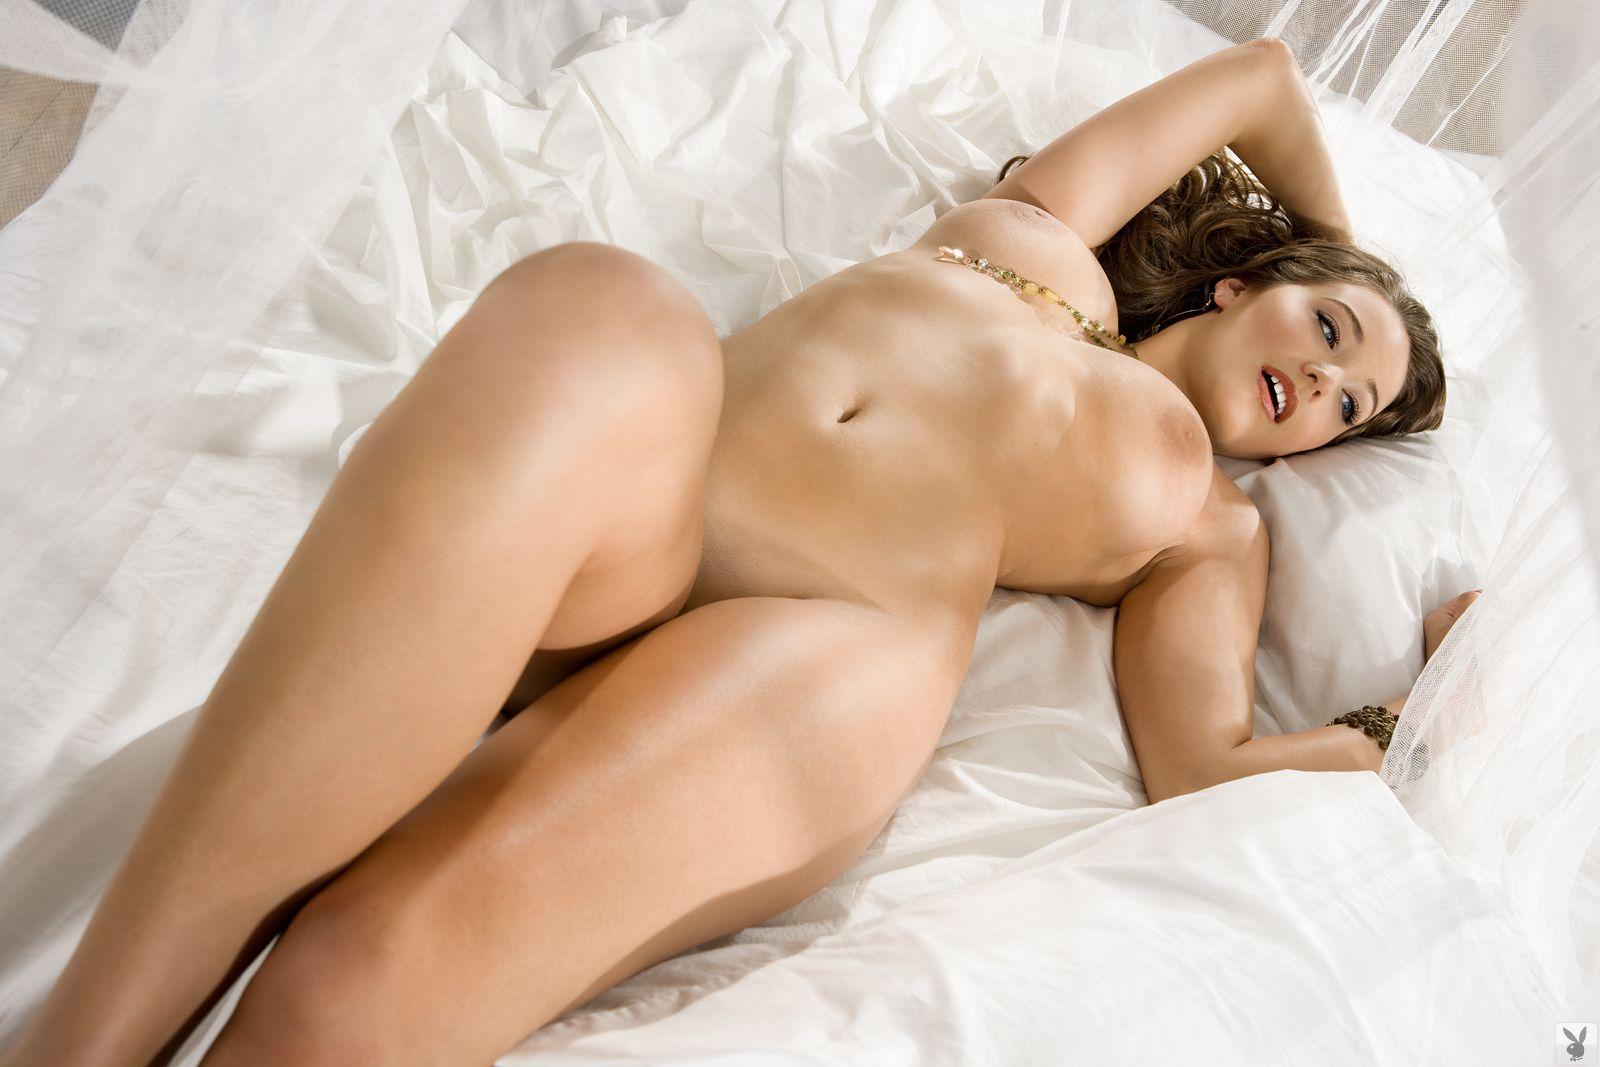 Смотреть красивые голые женские фигуры, Очень красивые фигуры голых женщин 2 фотография